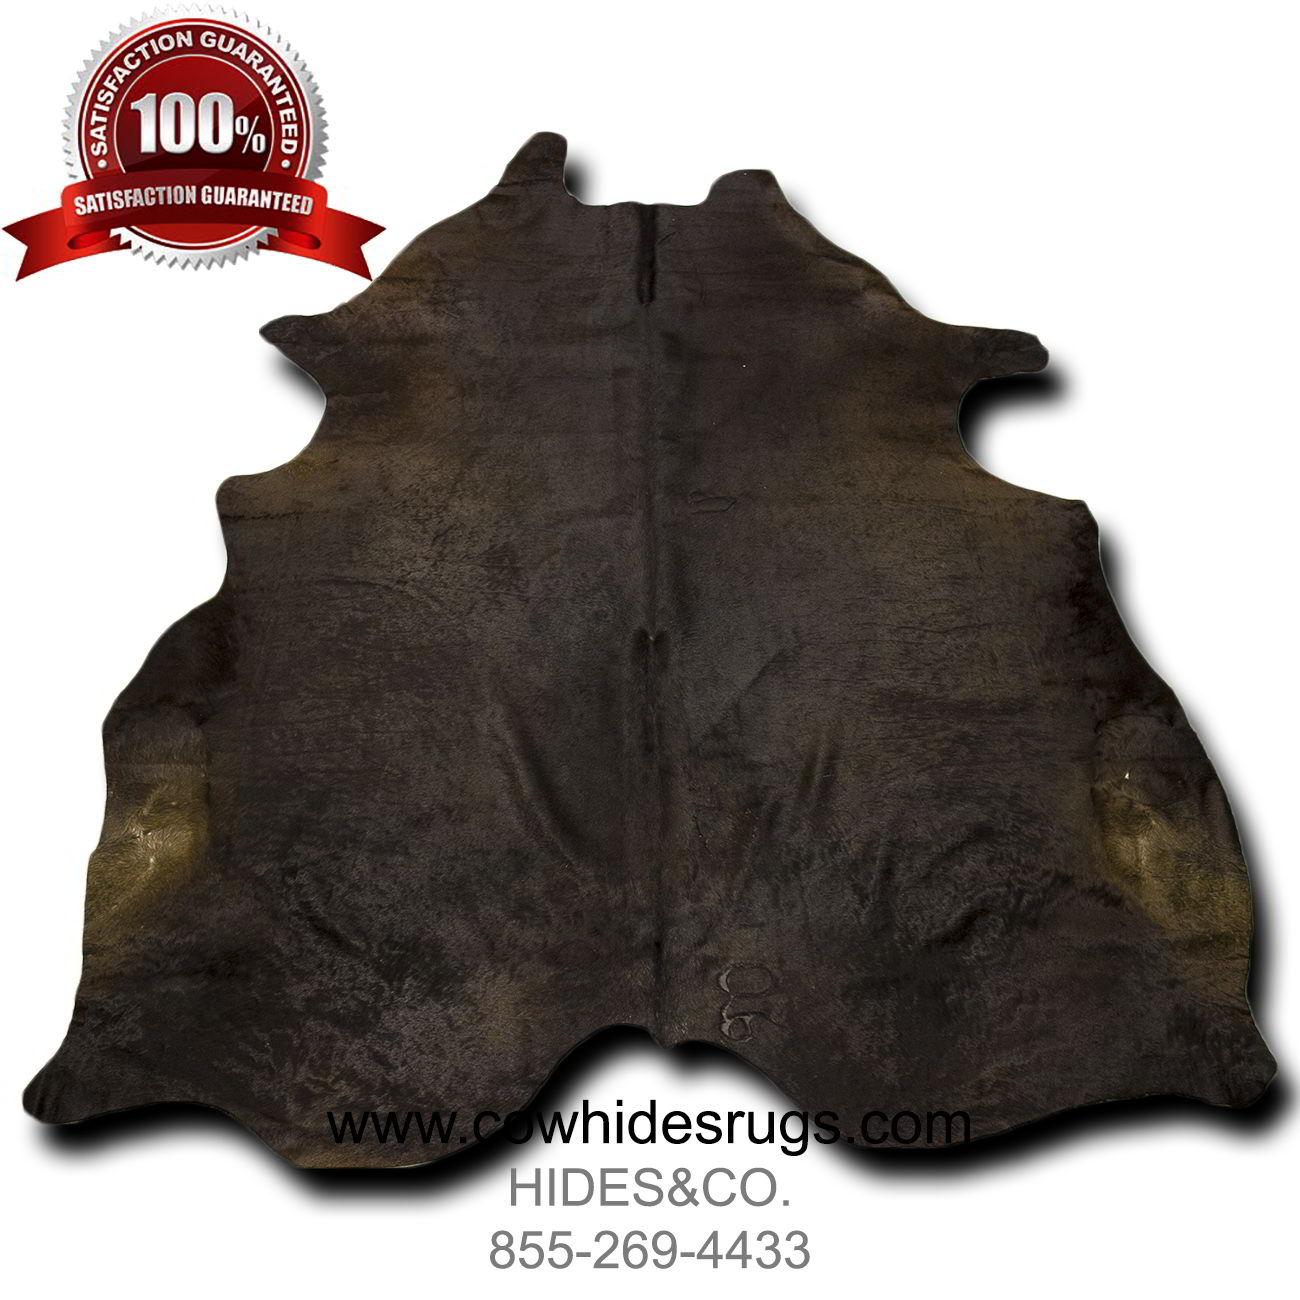 Dark Brown Tri Color Cowhide Rug 7 3 Ft X 6 Ft Natural Genuine Cowhide